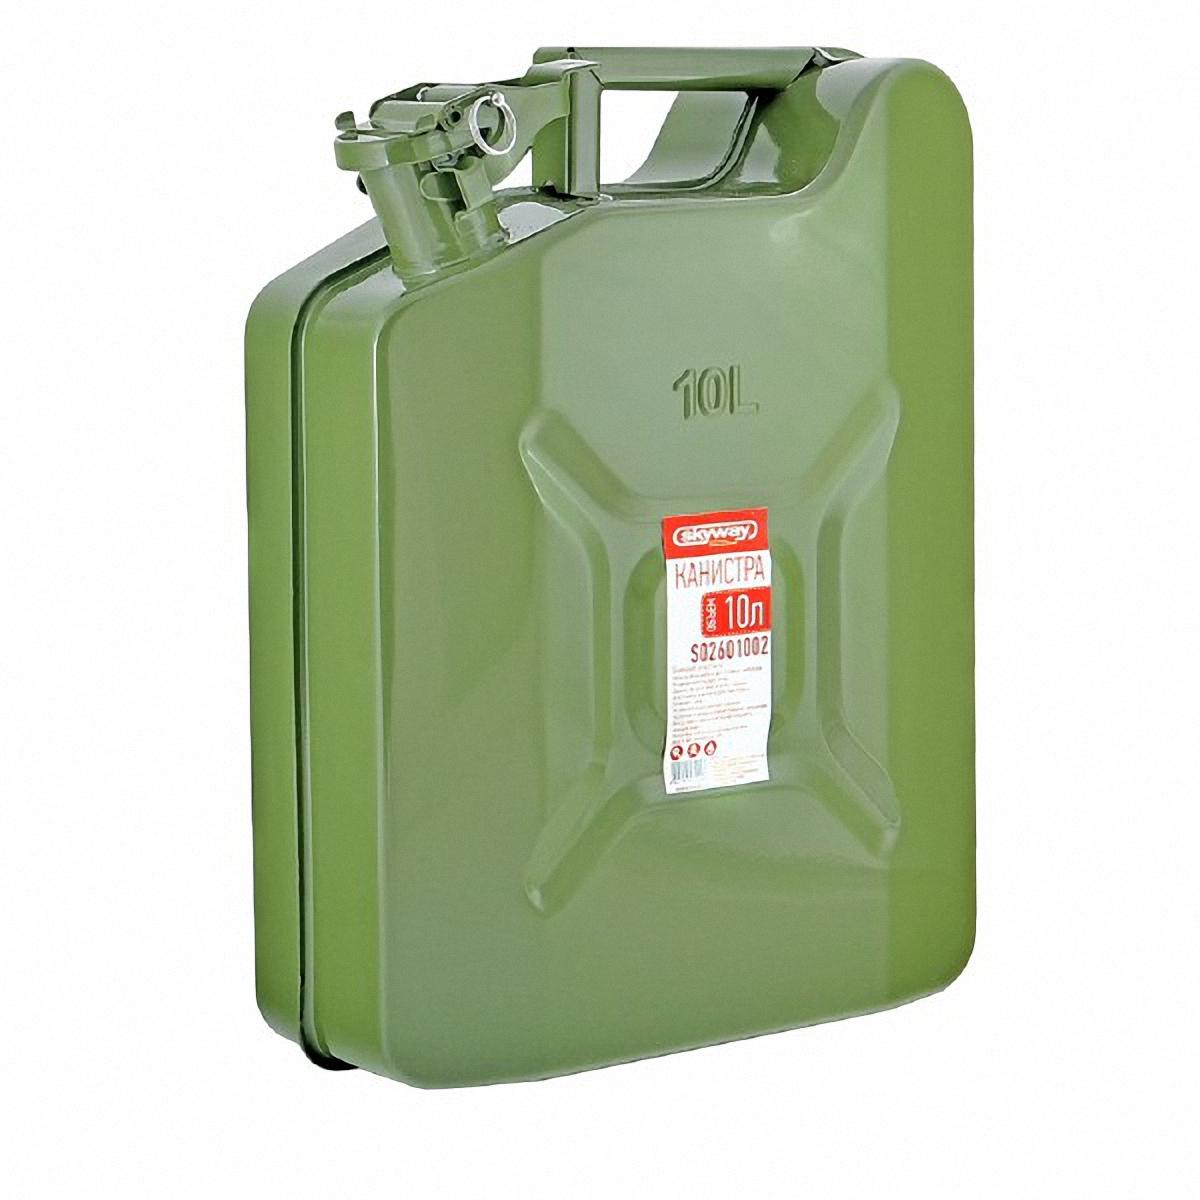 Канистра Skyway, 10 л. S02601002S02601002Металлическая канистра предназначена для хранения жидкостей, в том числе топлива и топливных смесей. Изготовлена из стали холодного проката, что обеспечивает повышенную прочность. Внешняя поверхность оцинкована и окрашена. Внутреннее фосфатированное антикоррозийное покрытие препятствует образованию ржавчины. Ребра жесткости на боковых поверхностях канистры придают ей прочность при механических воздействиях. Устойчивая конструкция канистры предотвращает ее перемещение в багажнике при интенсивном движении, снижая уровень нежелательного шума. Механический механизм горловины предохраняет содержимое от протекания, а особые материалы резиновой прокладки придают ей высокую долговечность и устойчивость к механическим повреждениям в процессе эксплуатации. Конструкция рычажного механизма крышки предотвращает появления люфта при активной эксплуатации. Специализированная форма носика исключает проливание жидкости.